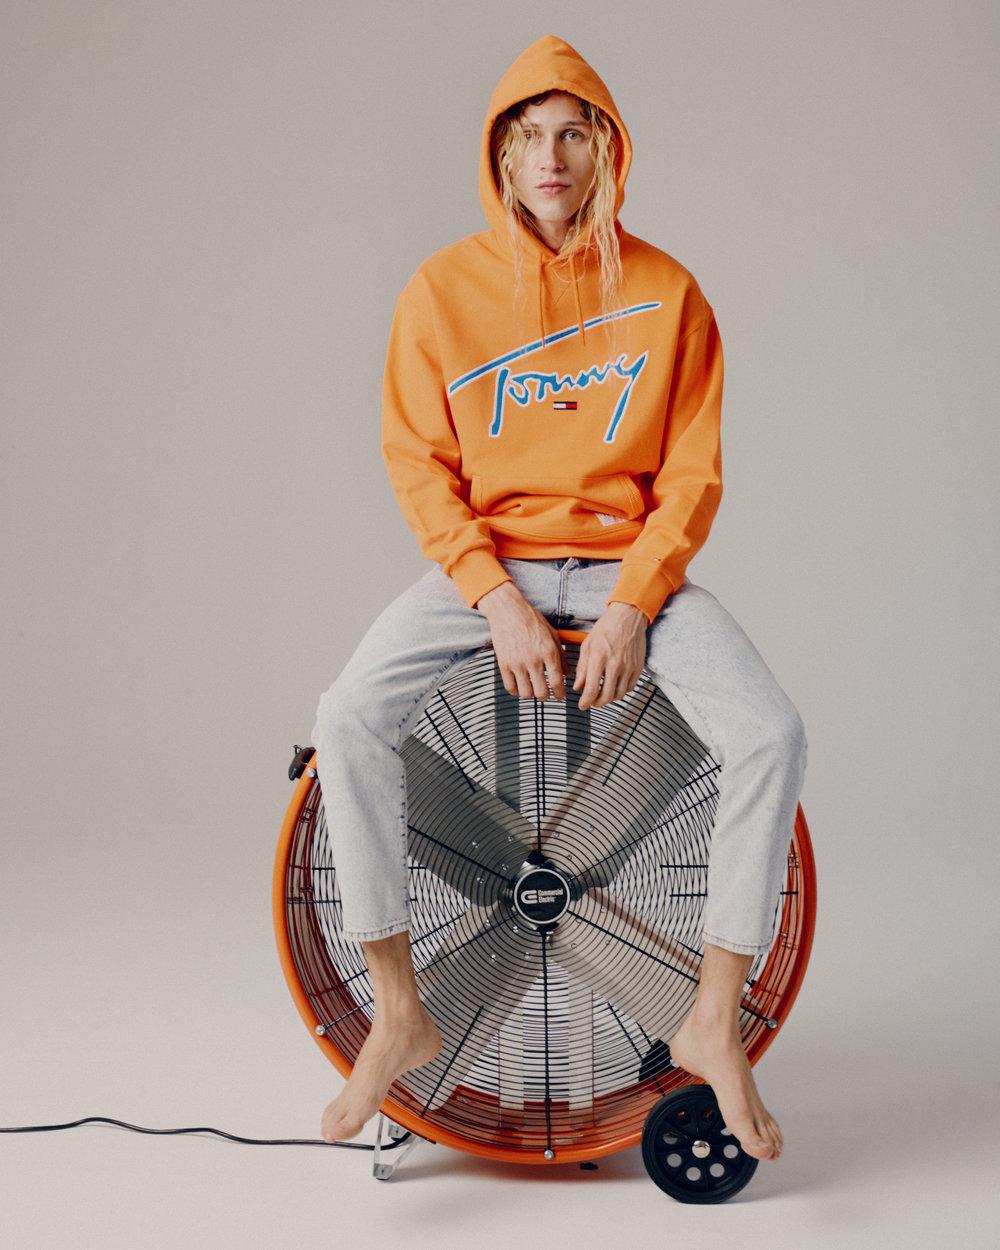 Tommy-Hilfiger-x-Fashionography35895.jpg